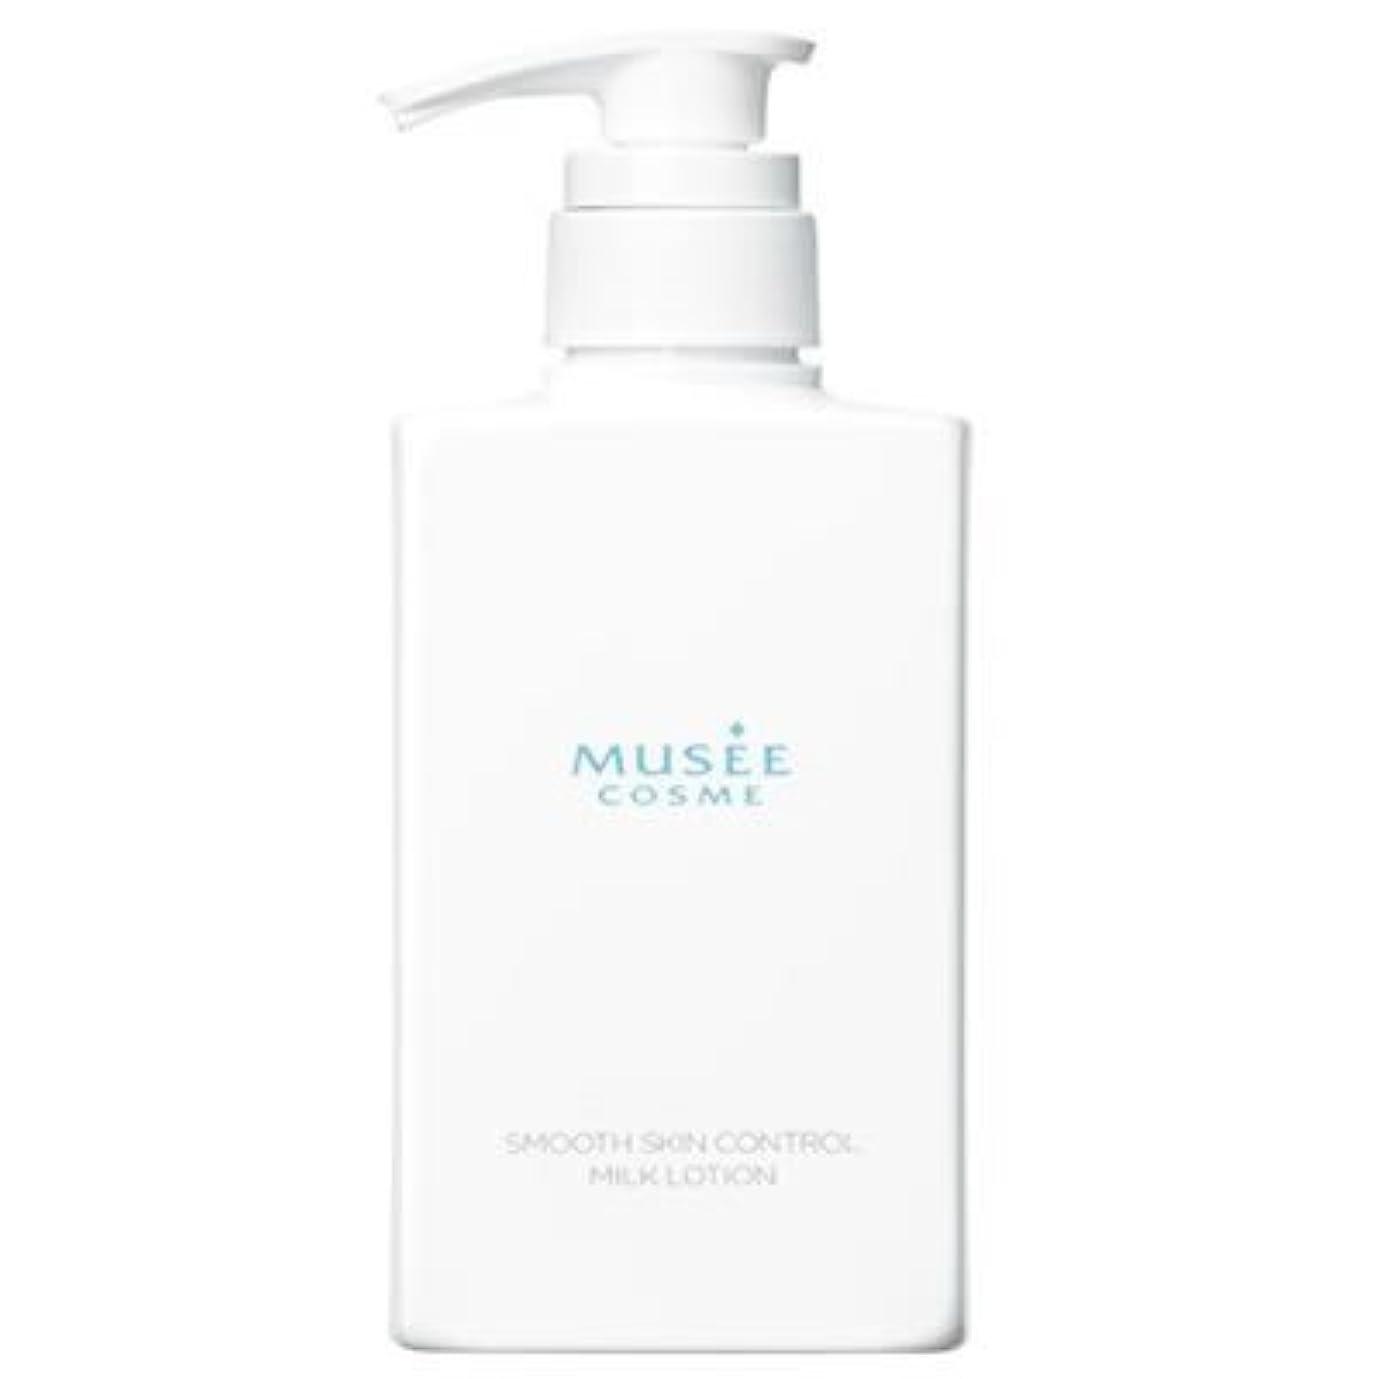 増幅する食用未接続ミュゼ 薬用スムーススキンコントロールミルクローション 300ml ホワイトジャスミンの香り [並行輸入品]